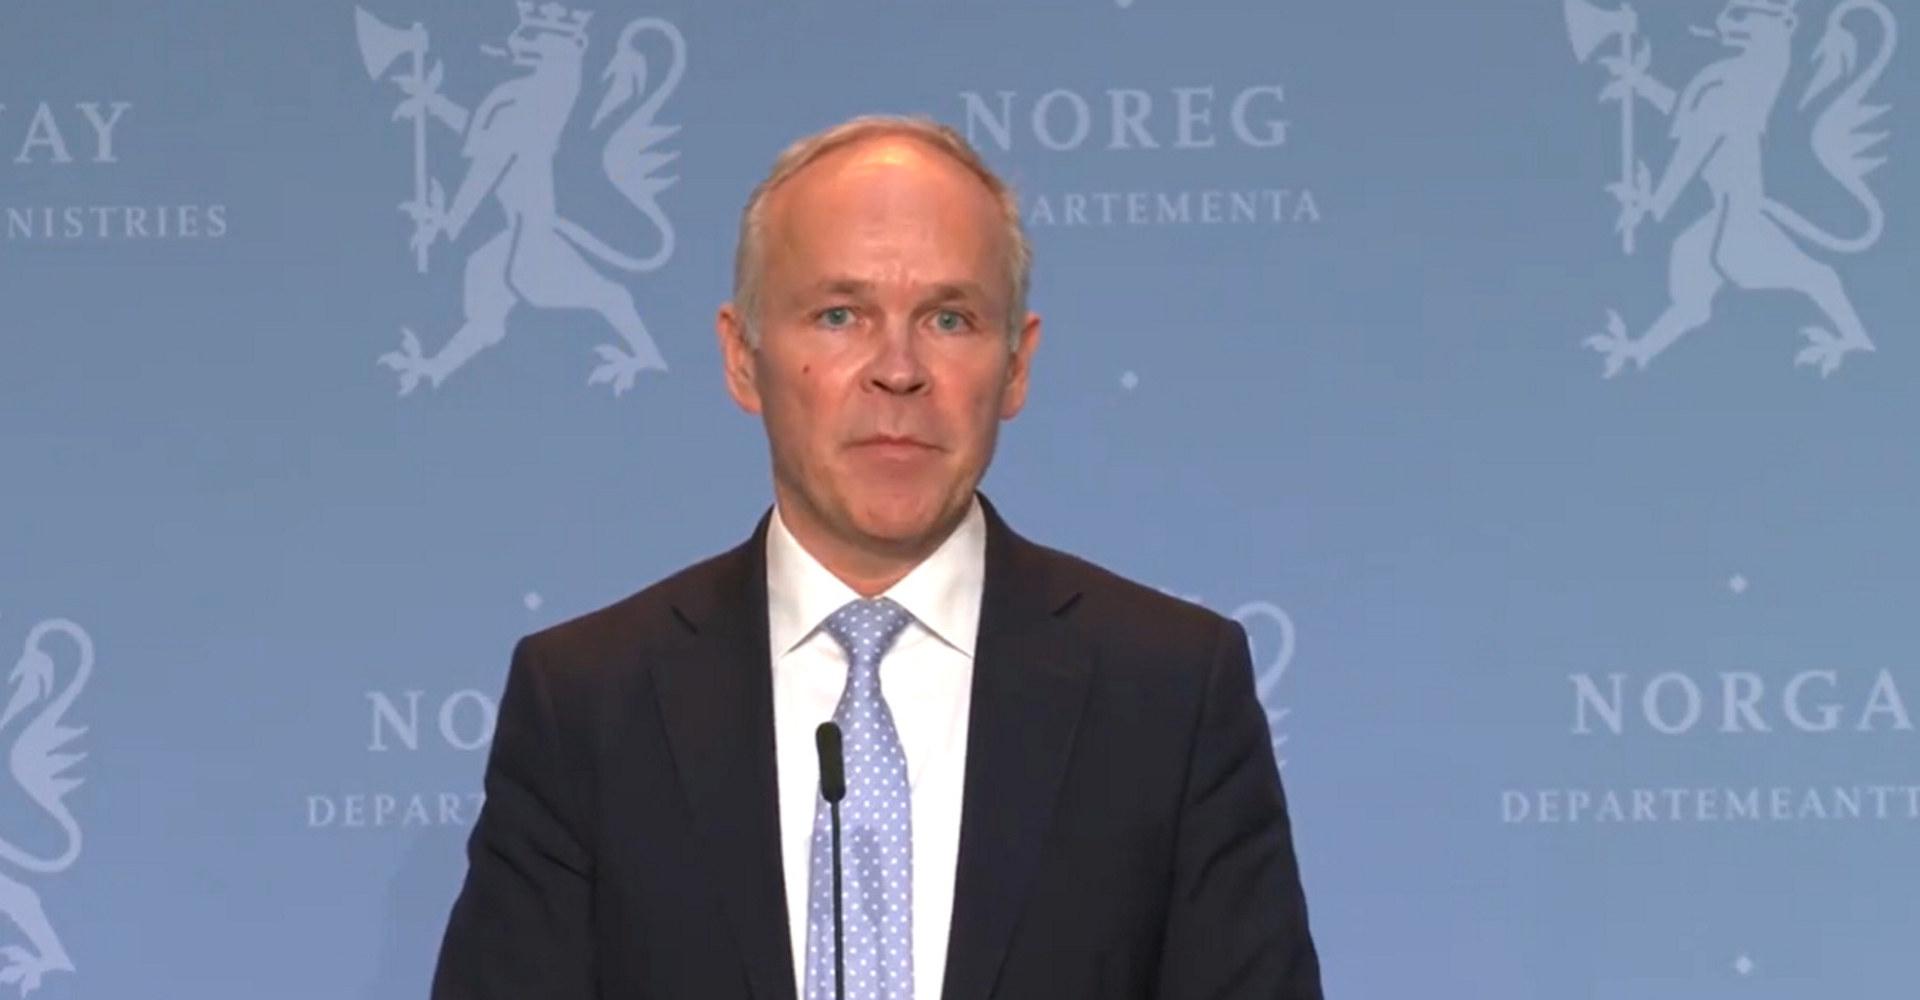 Finansminister Jan Tore Sanner på pressekonferansen 10. november 2020. Skjermdump fra regjeringen.no